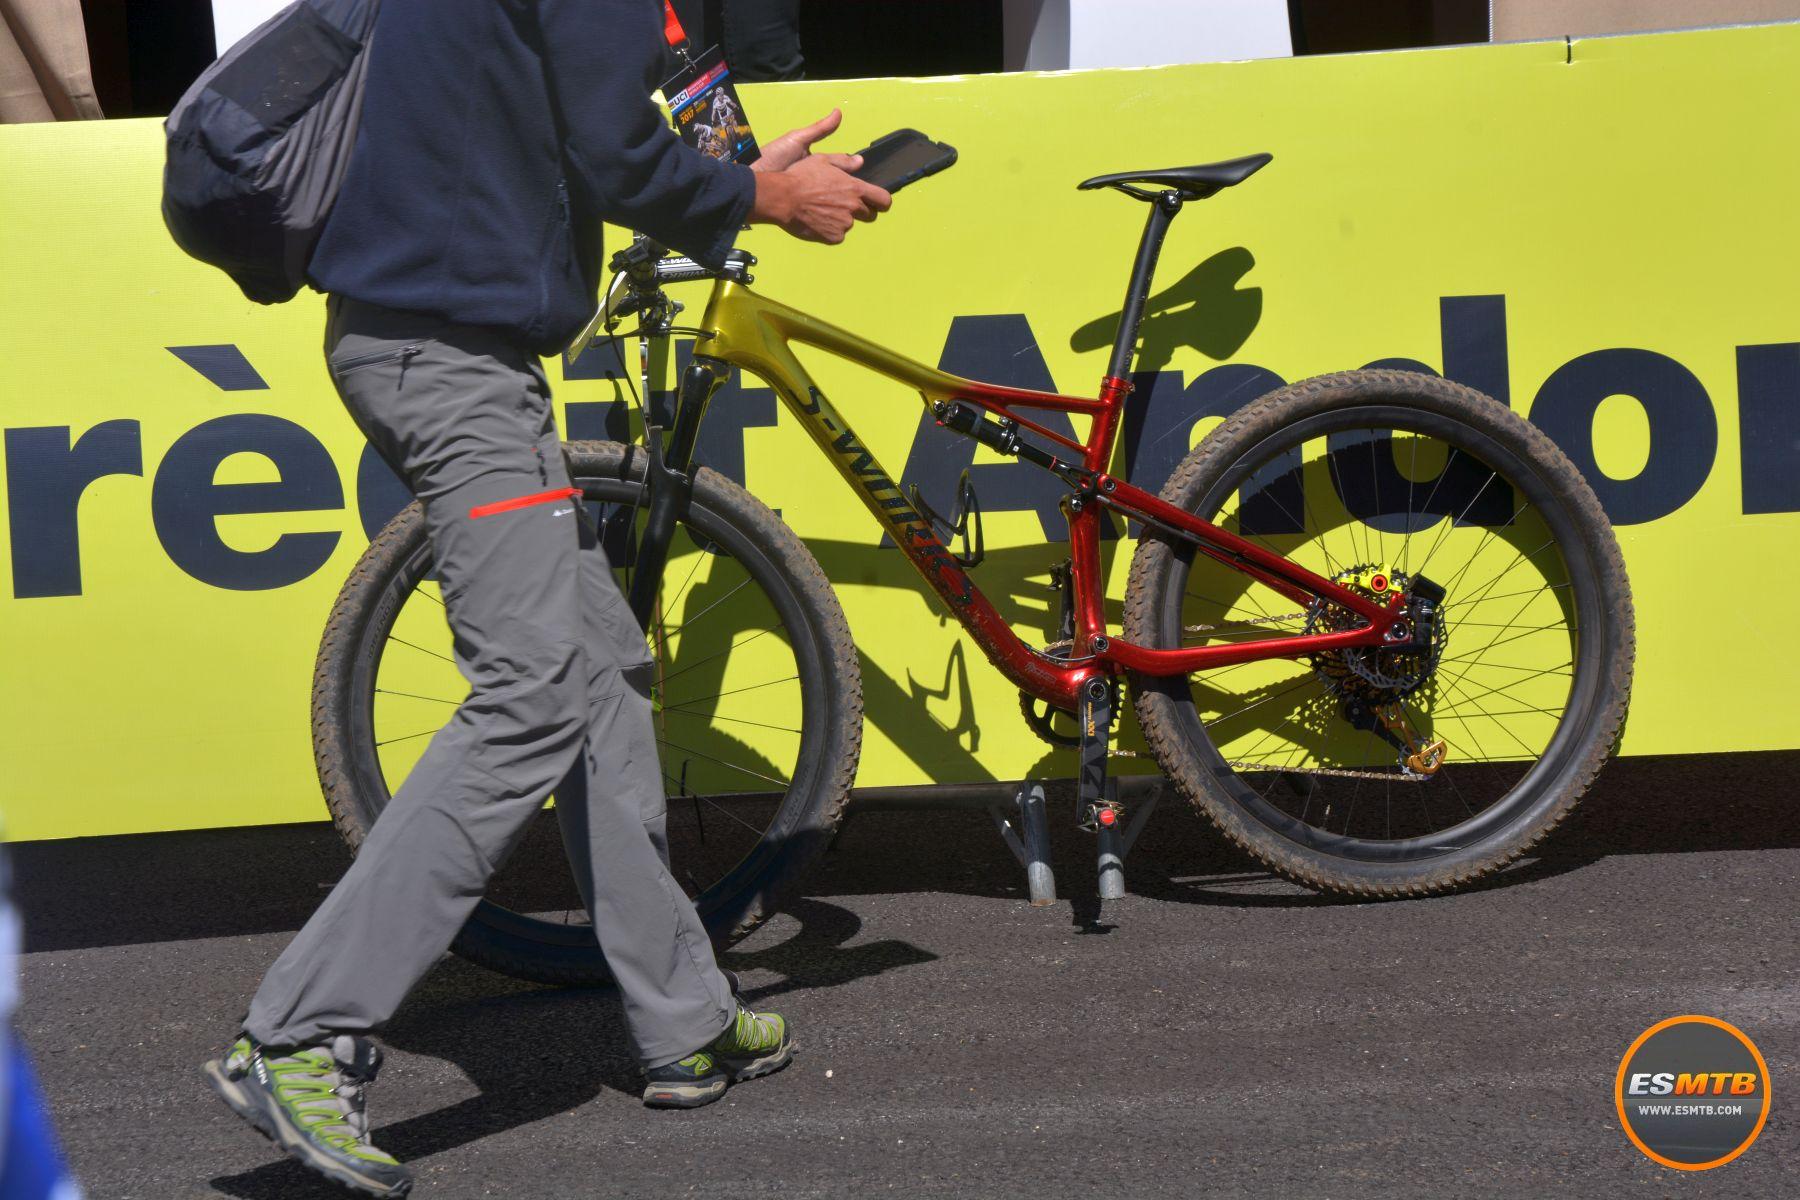 El comisario de la UCI con su tablet con sensor electro-magnético, listo para buscar motores en la bici del ganador. Un trabajo curioso...